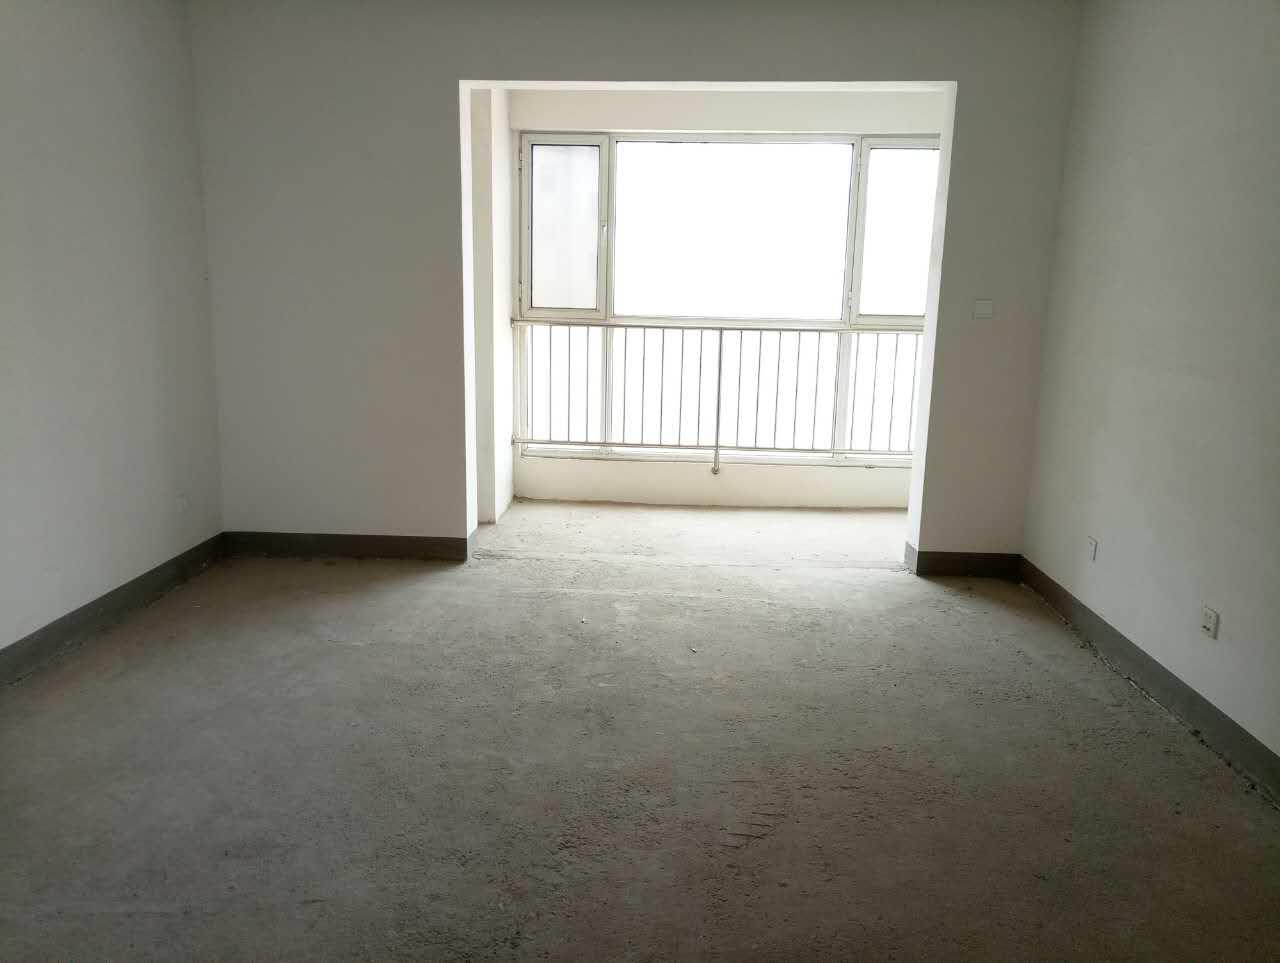 嘉城盛世 3室2厅  毛坯 190万房型图